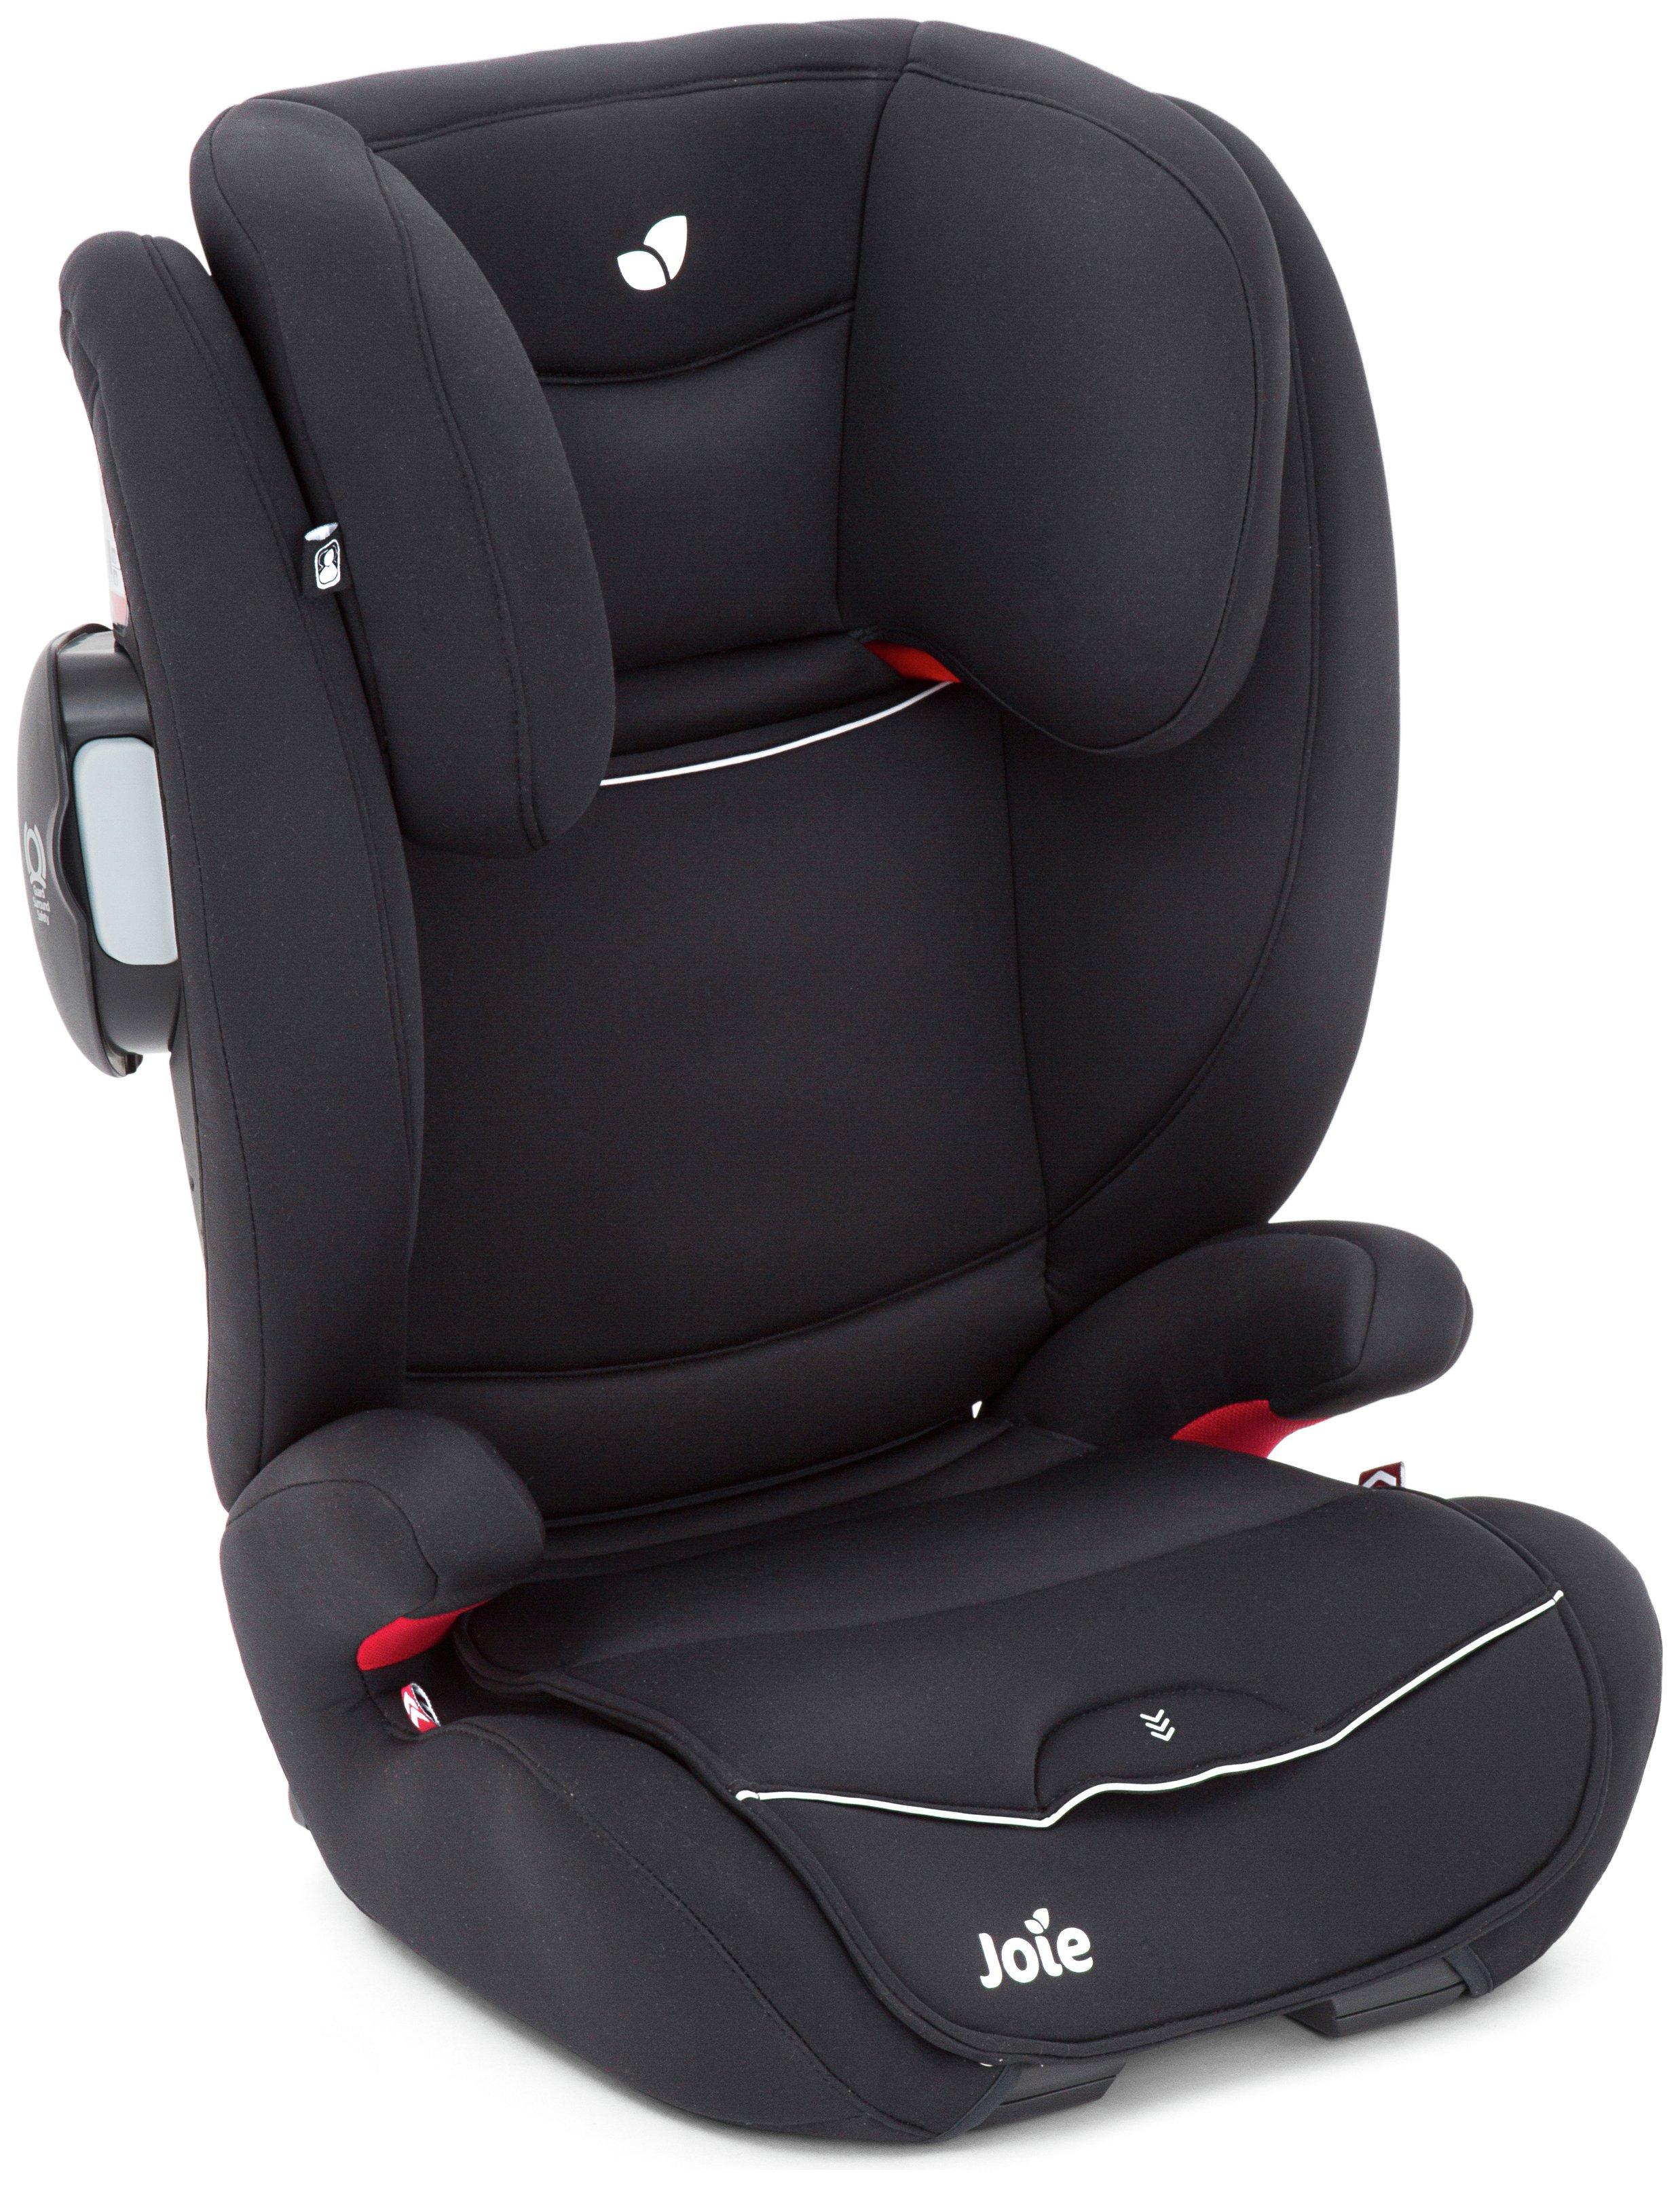 Joie Duallo Group 2-3 Tuxedo Car Seat.